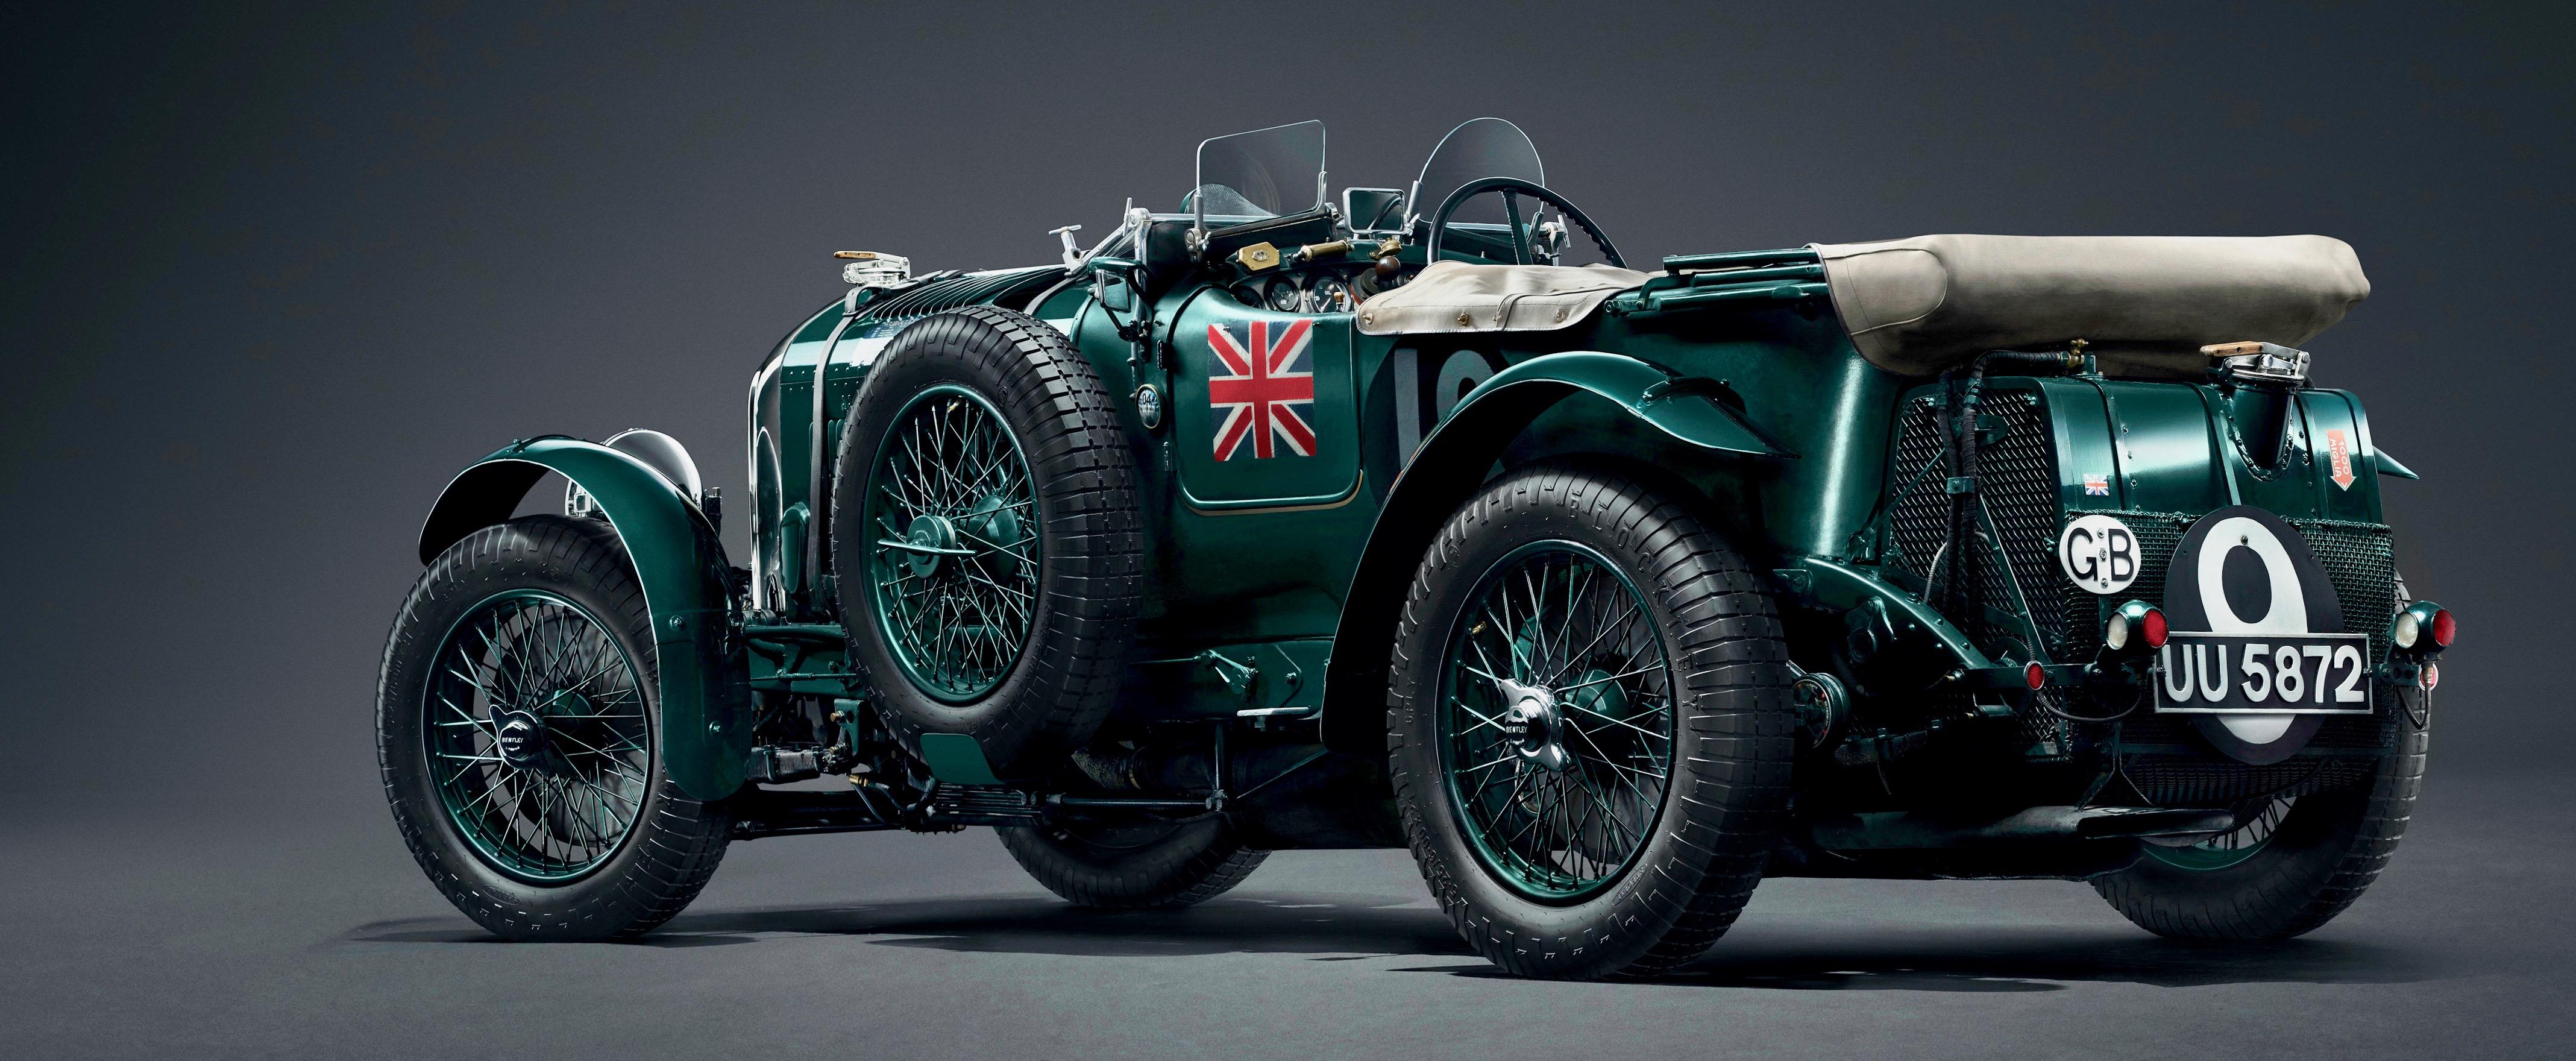 Blower Bentley, Blown away! Bentley will produce a dozen pre-war continuation cars, ClassicCars.com Journal